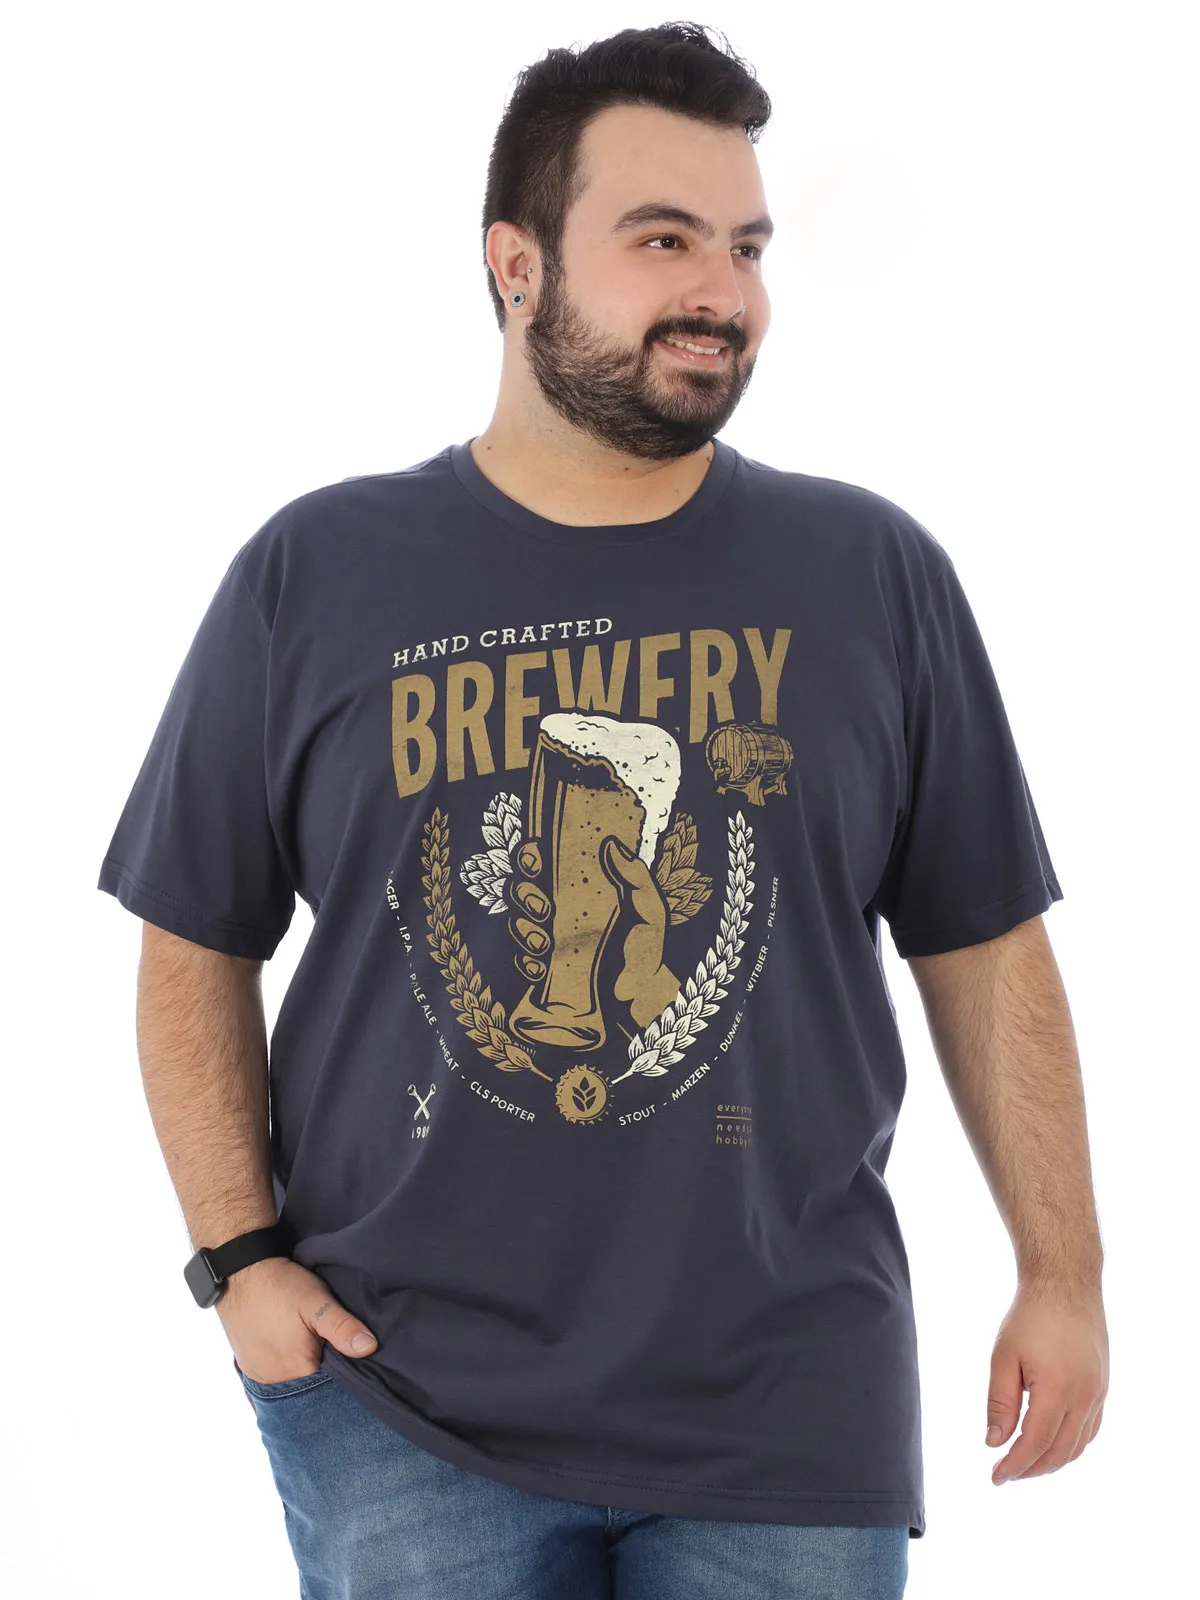 Camiseta Plus Size Masculina Estampada Cerveja Grafite